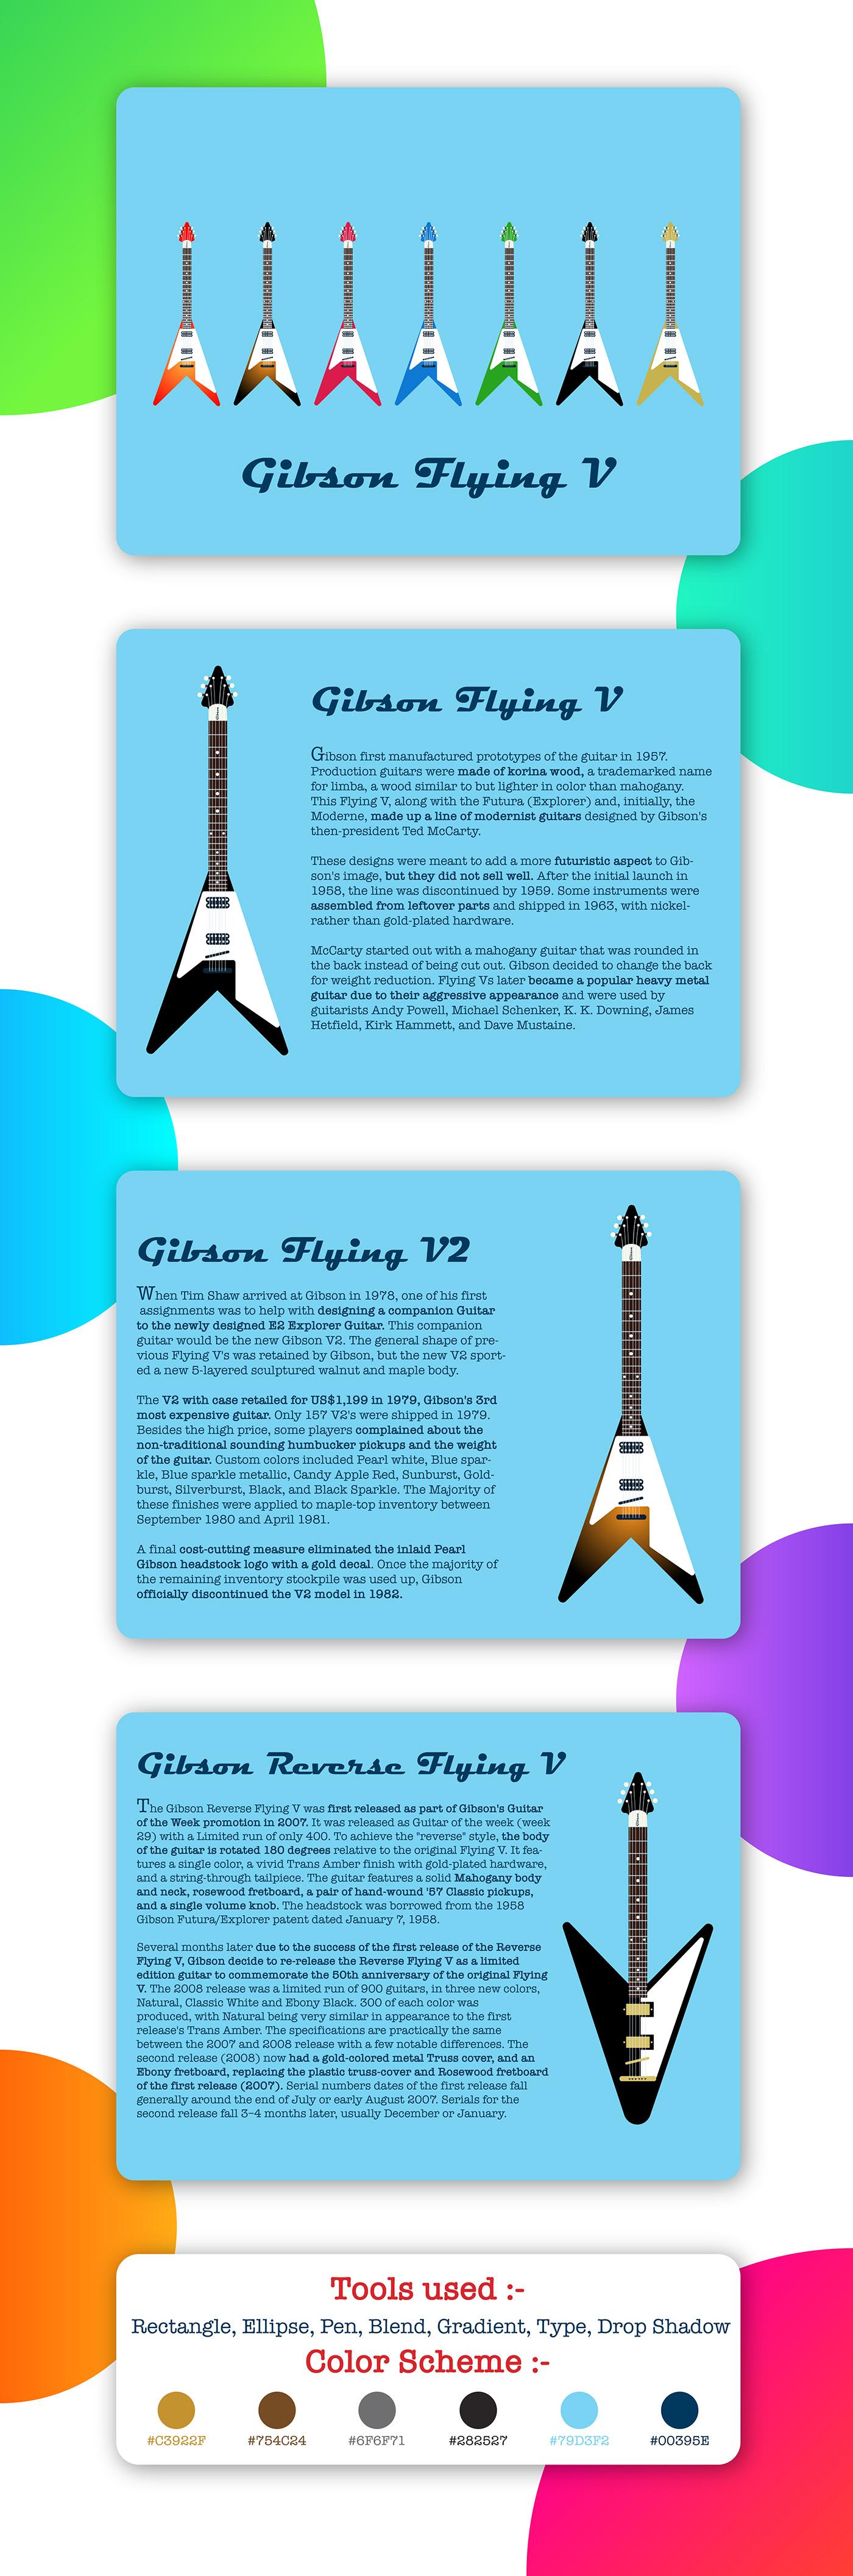 adobe Illustrator ILLUSTRATION  Gibson guitar music flat artsy Digital Art  design